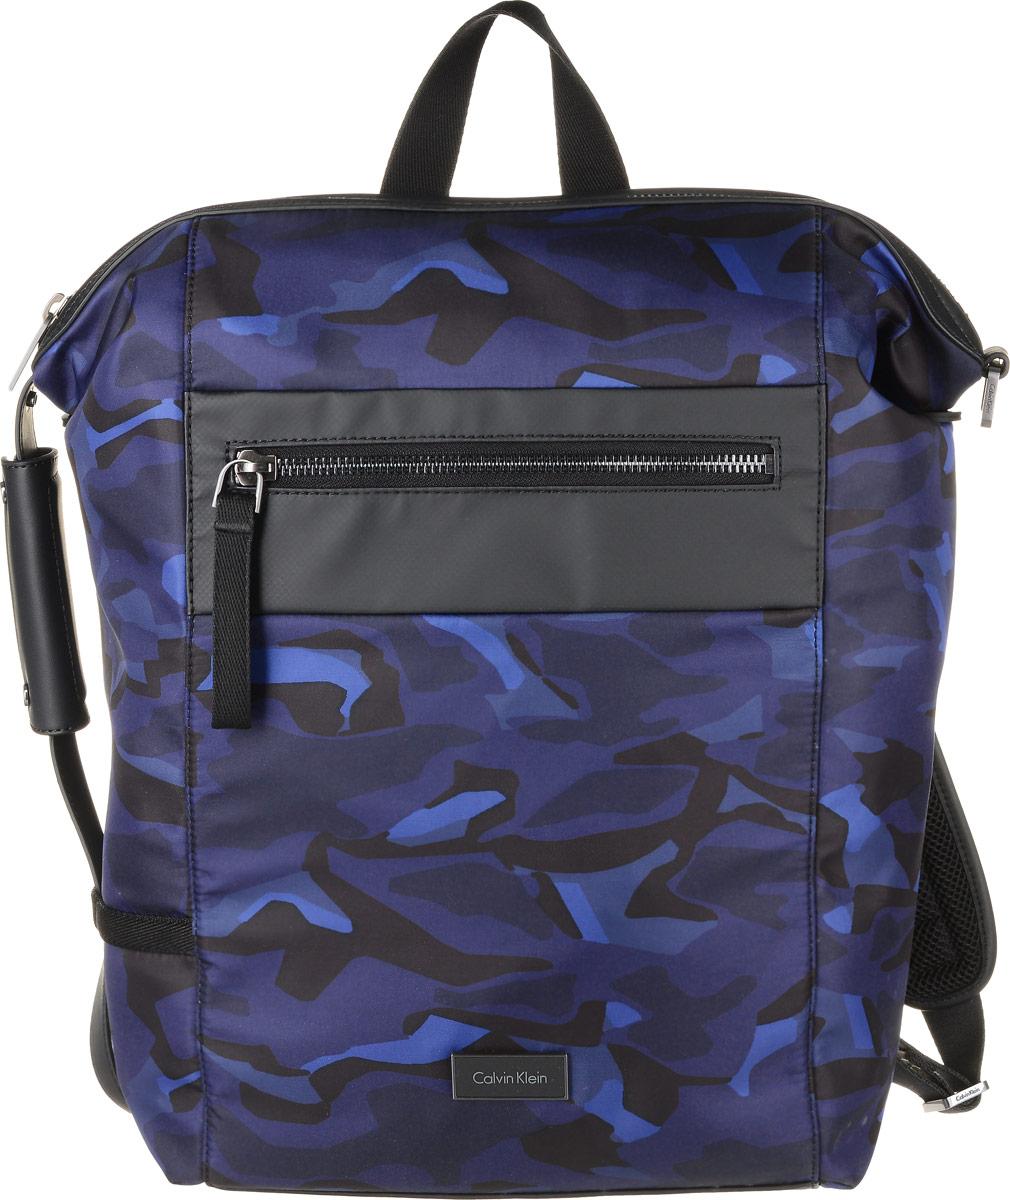 Рюкзак мужской Calvin Klein Jeans, цвет: черный, темно-синий. K50K502285_9100S76245Практичный рюкзак Calvin Klein Jeans выполнен из полиуретана с добавлением полиамида и полиэстера, оформлен камуфляжным принтом и металлической пластиной с названием бренда.Изделие содержит одно вместительное отделение. Внутри отделения размещены один мягкий карман для планшета, который застегивается хлястиком на липучку, и один прорезной карман на застежке-молнии. Лицевая сторона рюкзака дополнена прорезным карманом на застежке-молнии. Рюкзак оснащен широкими лямками регулируемой длины и петлей для подвешивания.